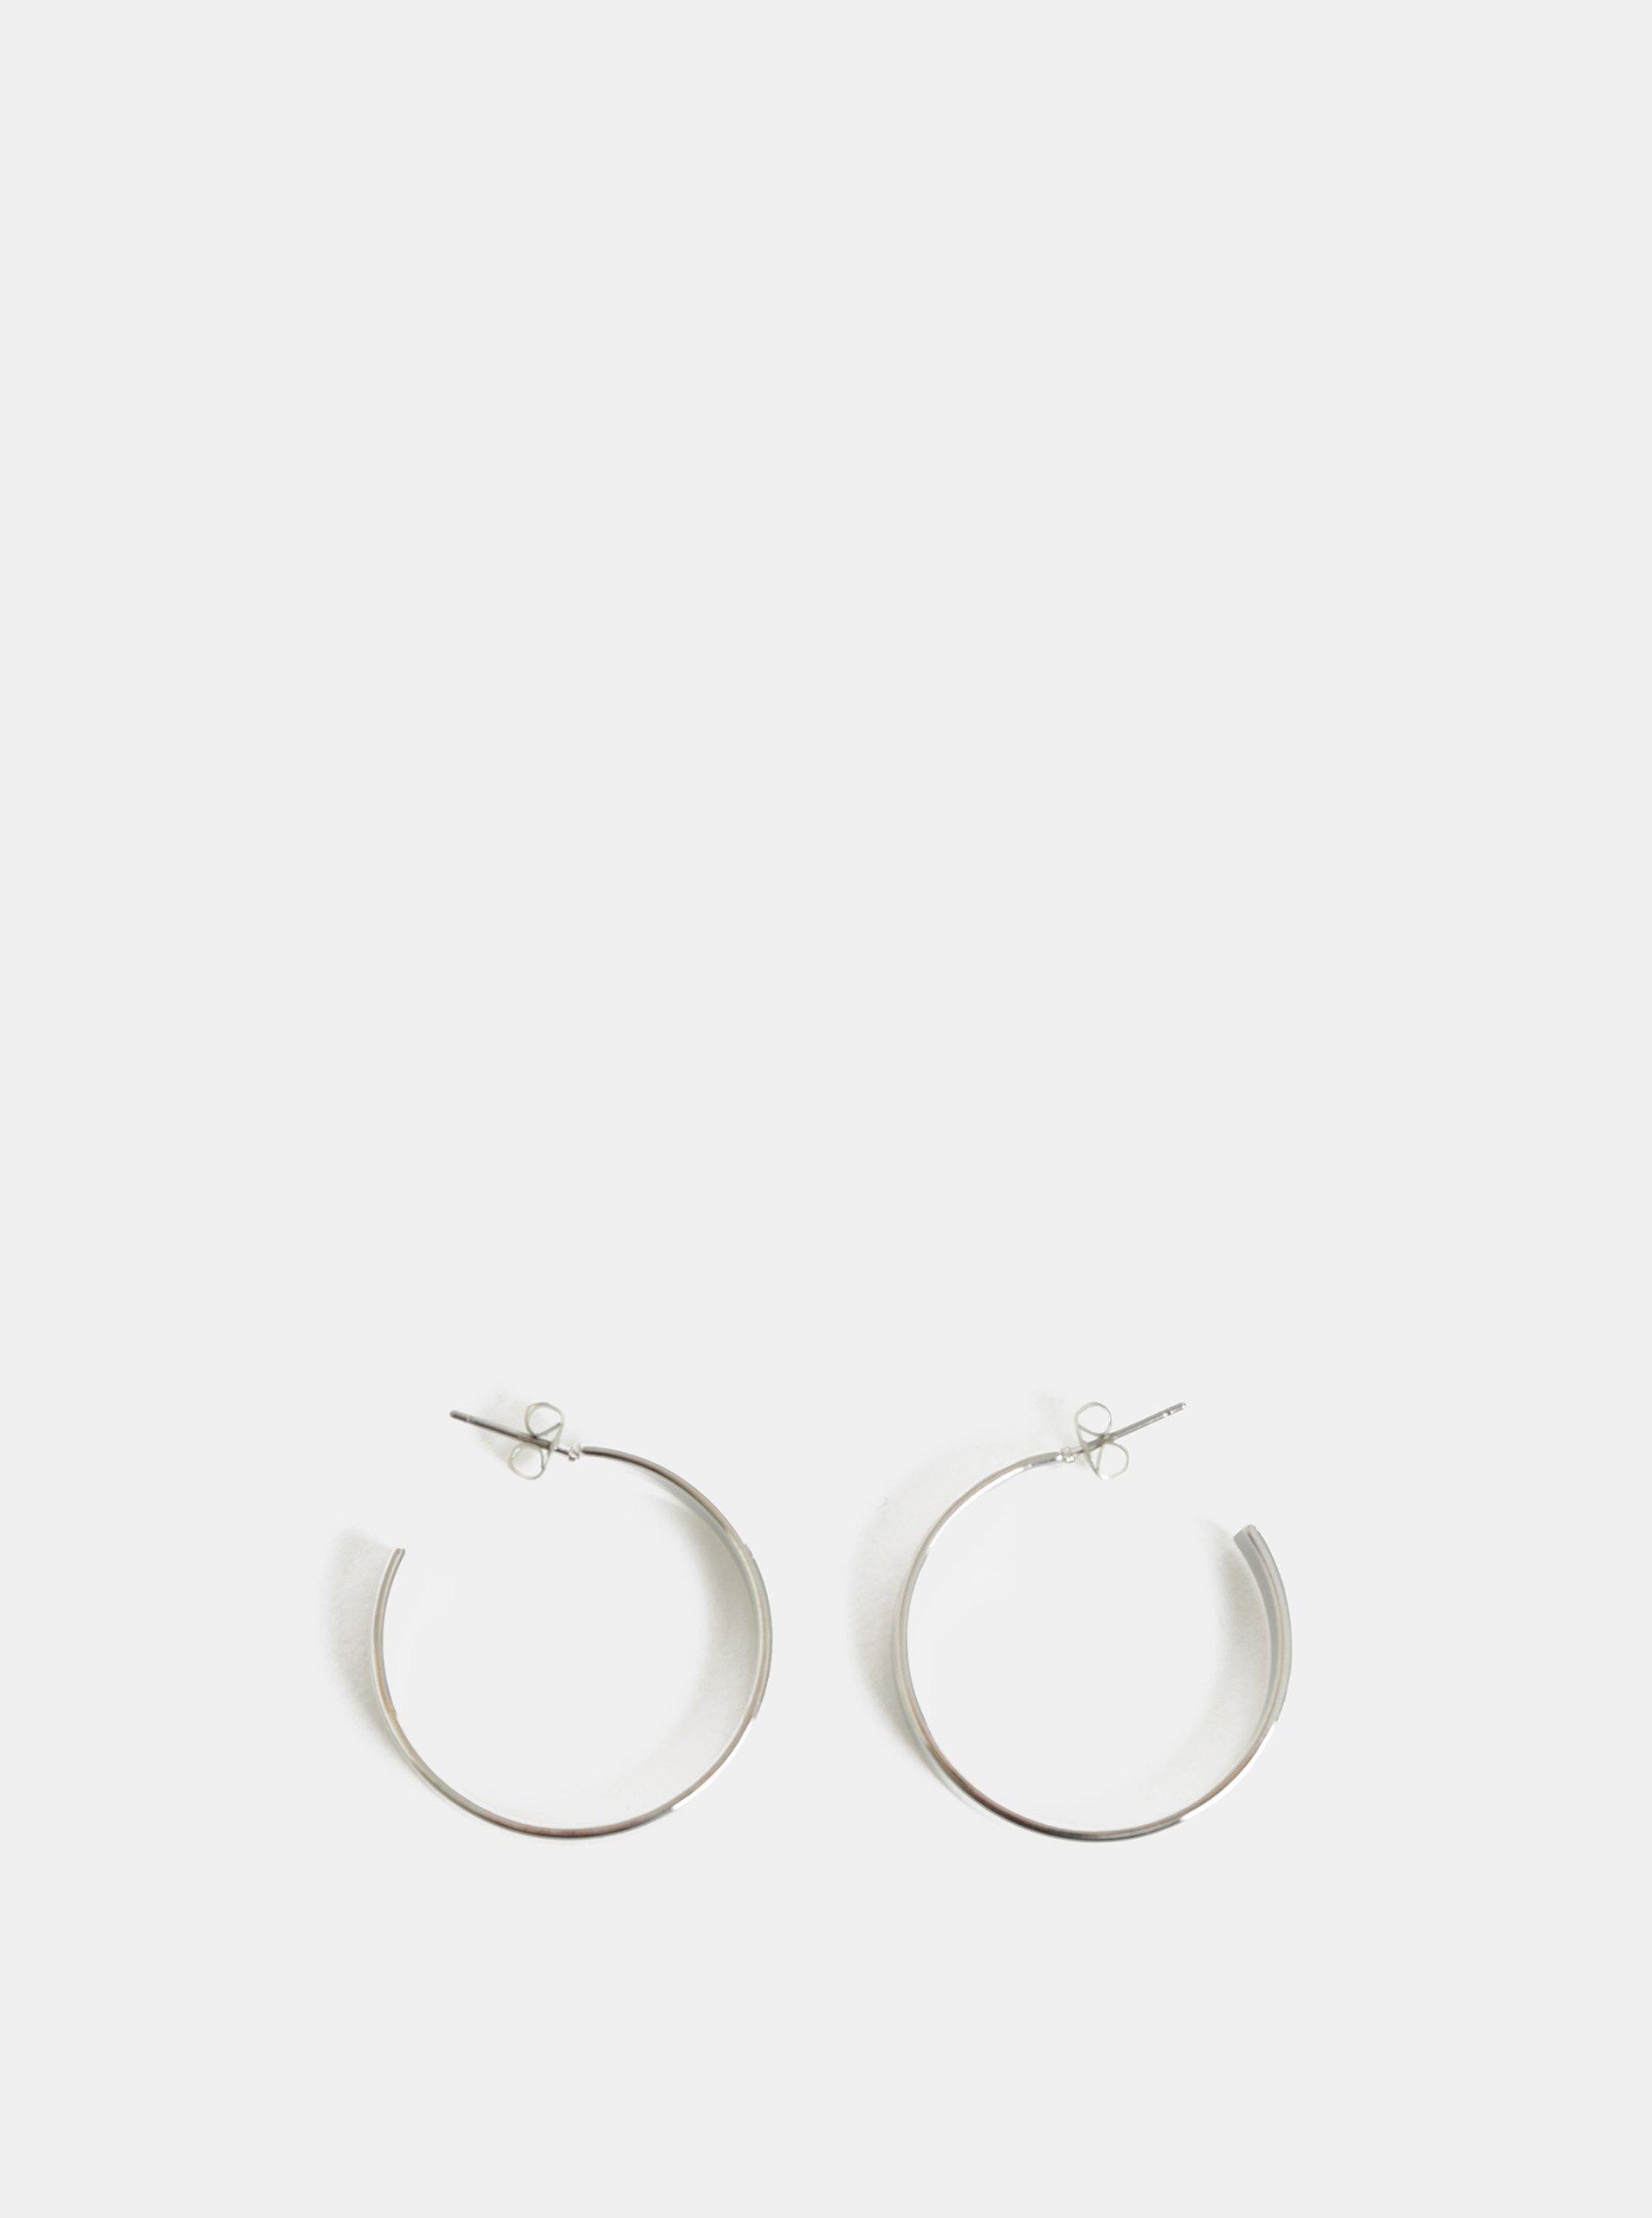 94422d321 Kruhové náušnice ve stříbrné barvě Pieces Sandra